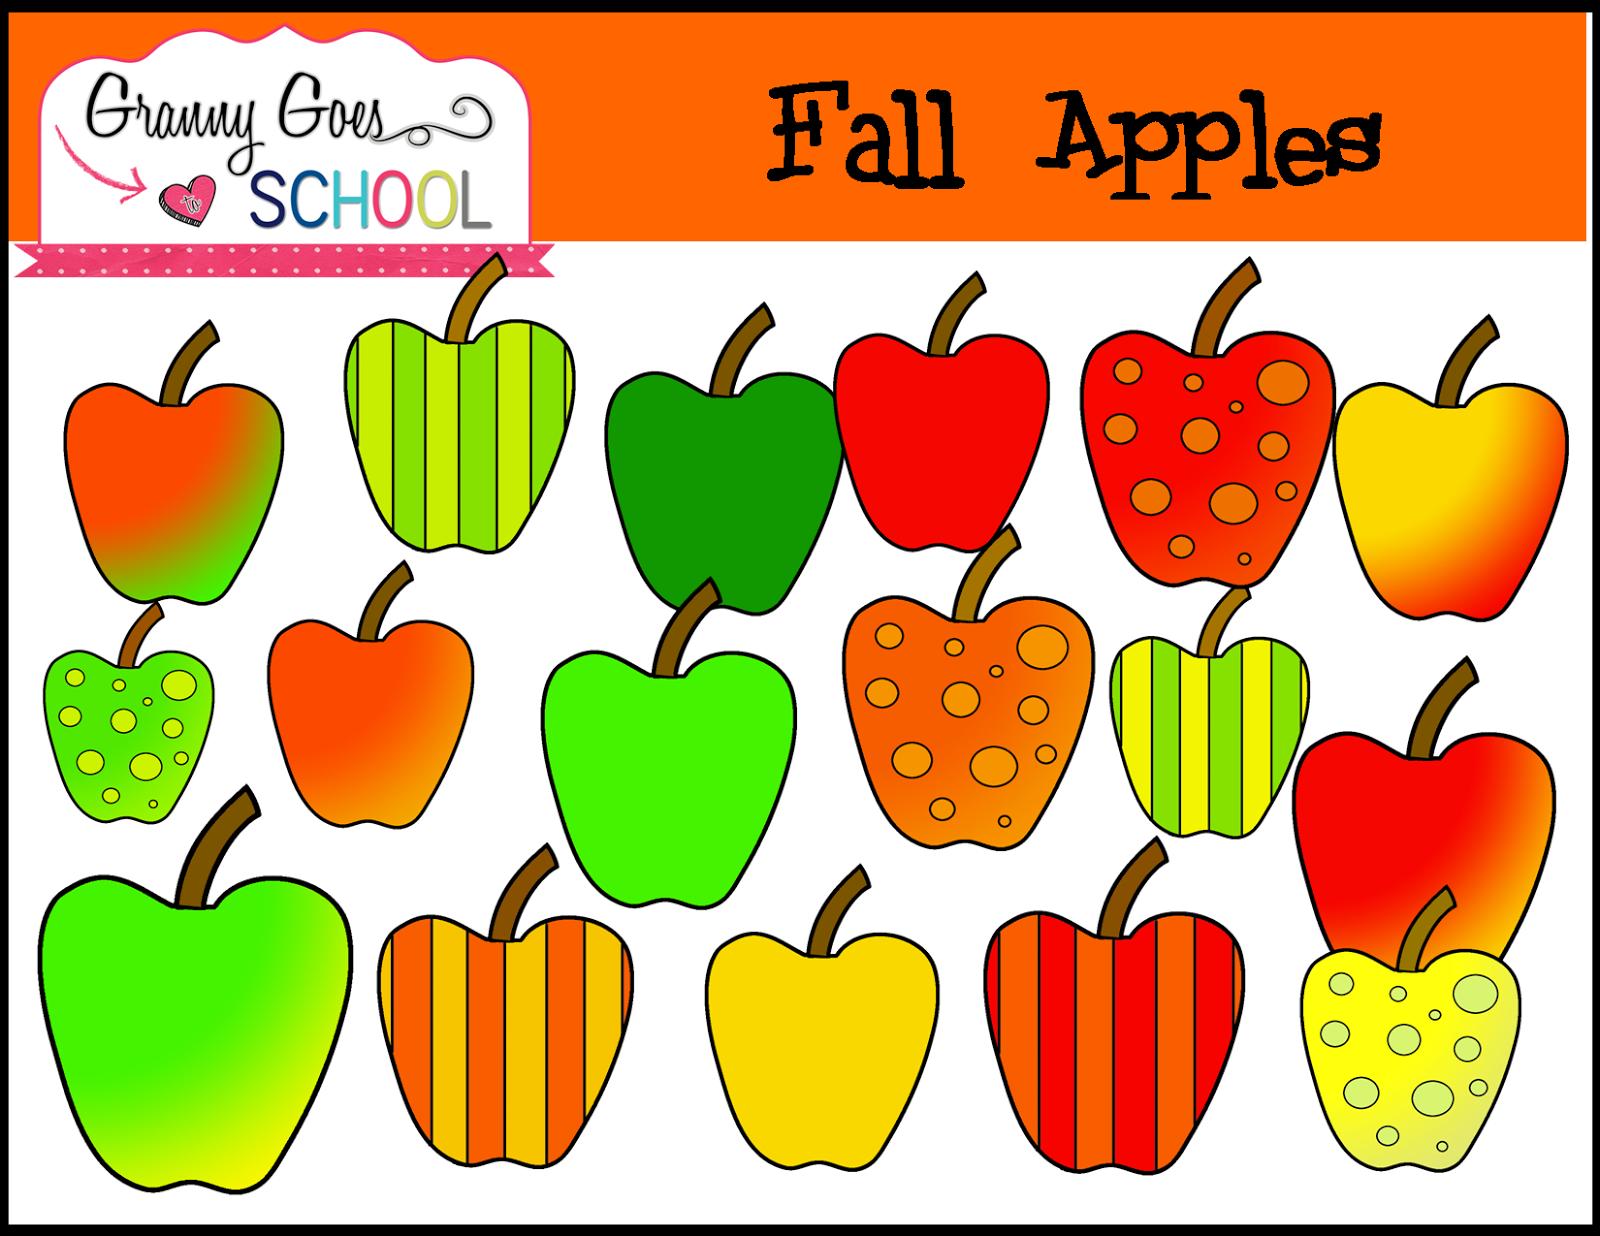 http://grannygoestoschool.blogspot.com/2014/09/fall-apples-free-clip-art.html